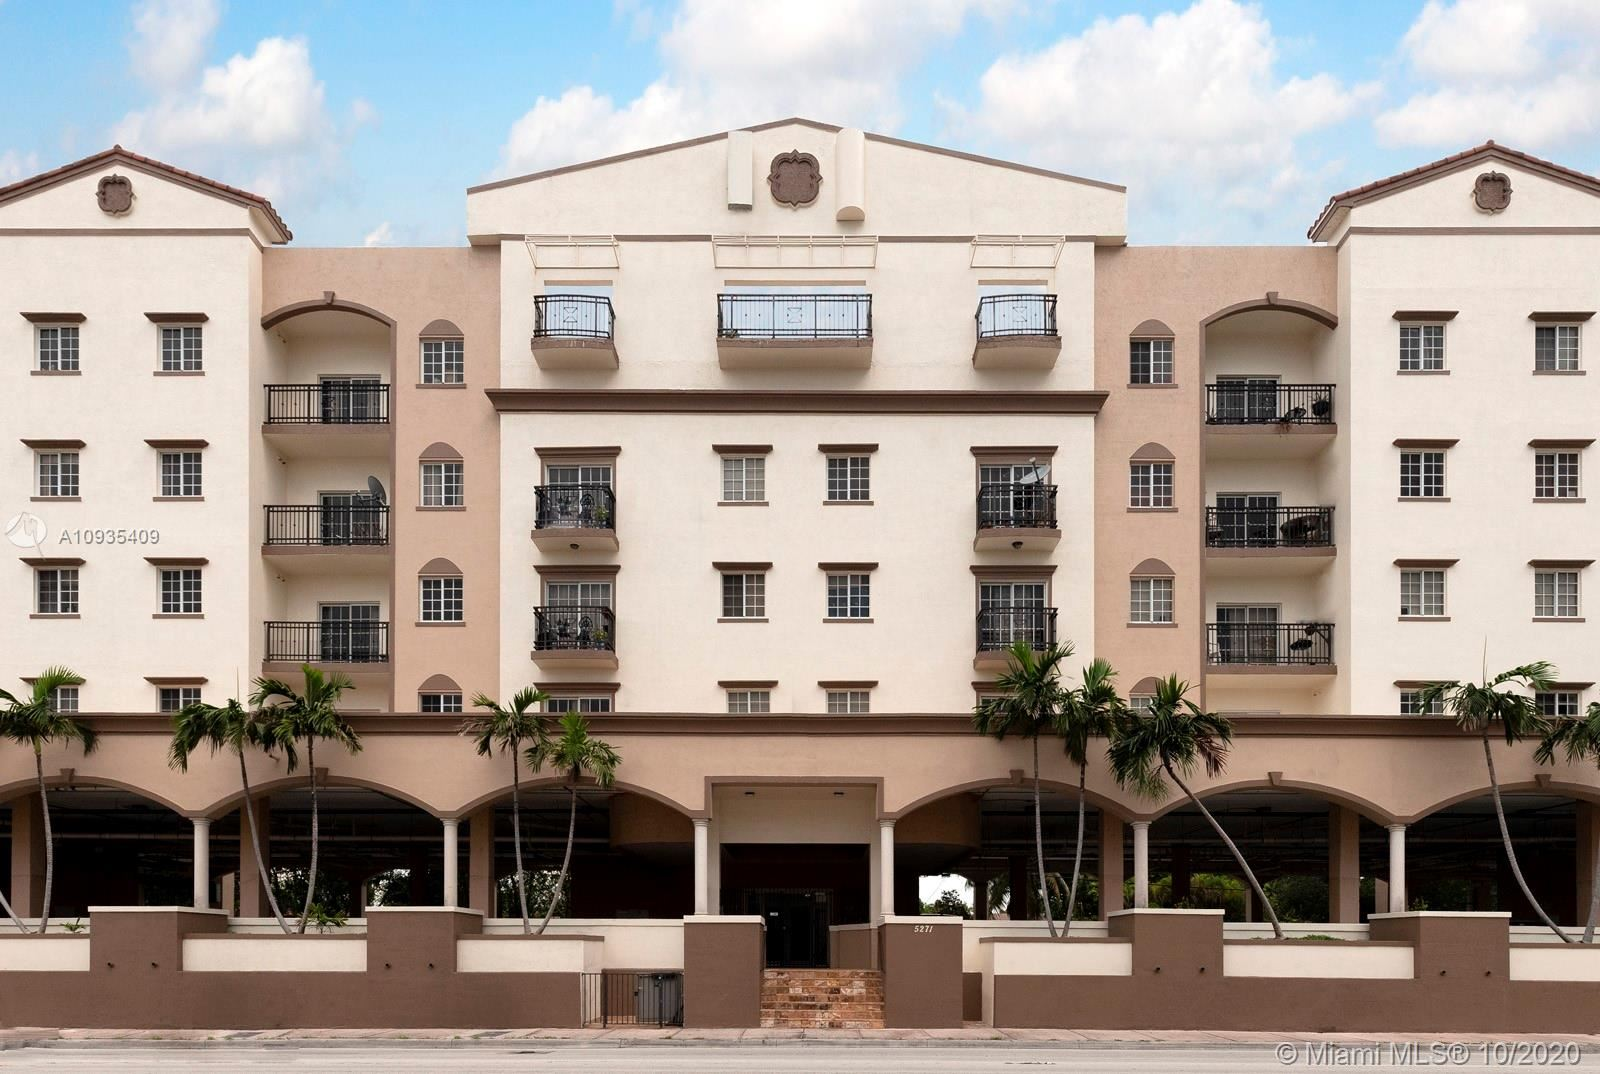 5271 SW 8th St #215, Miami, FL 33134 - #: A10935409